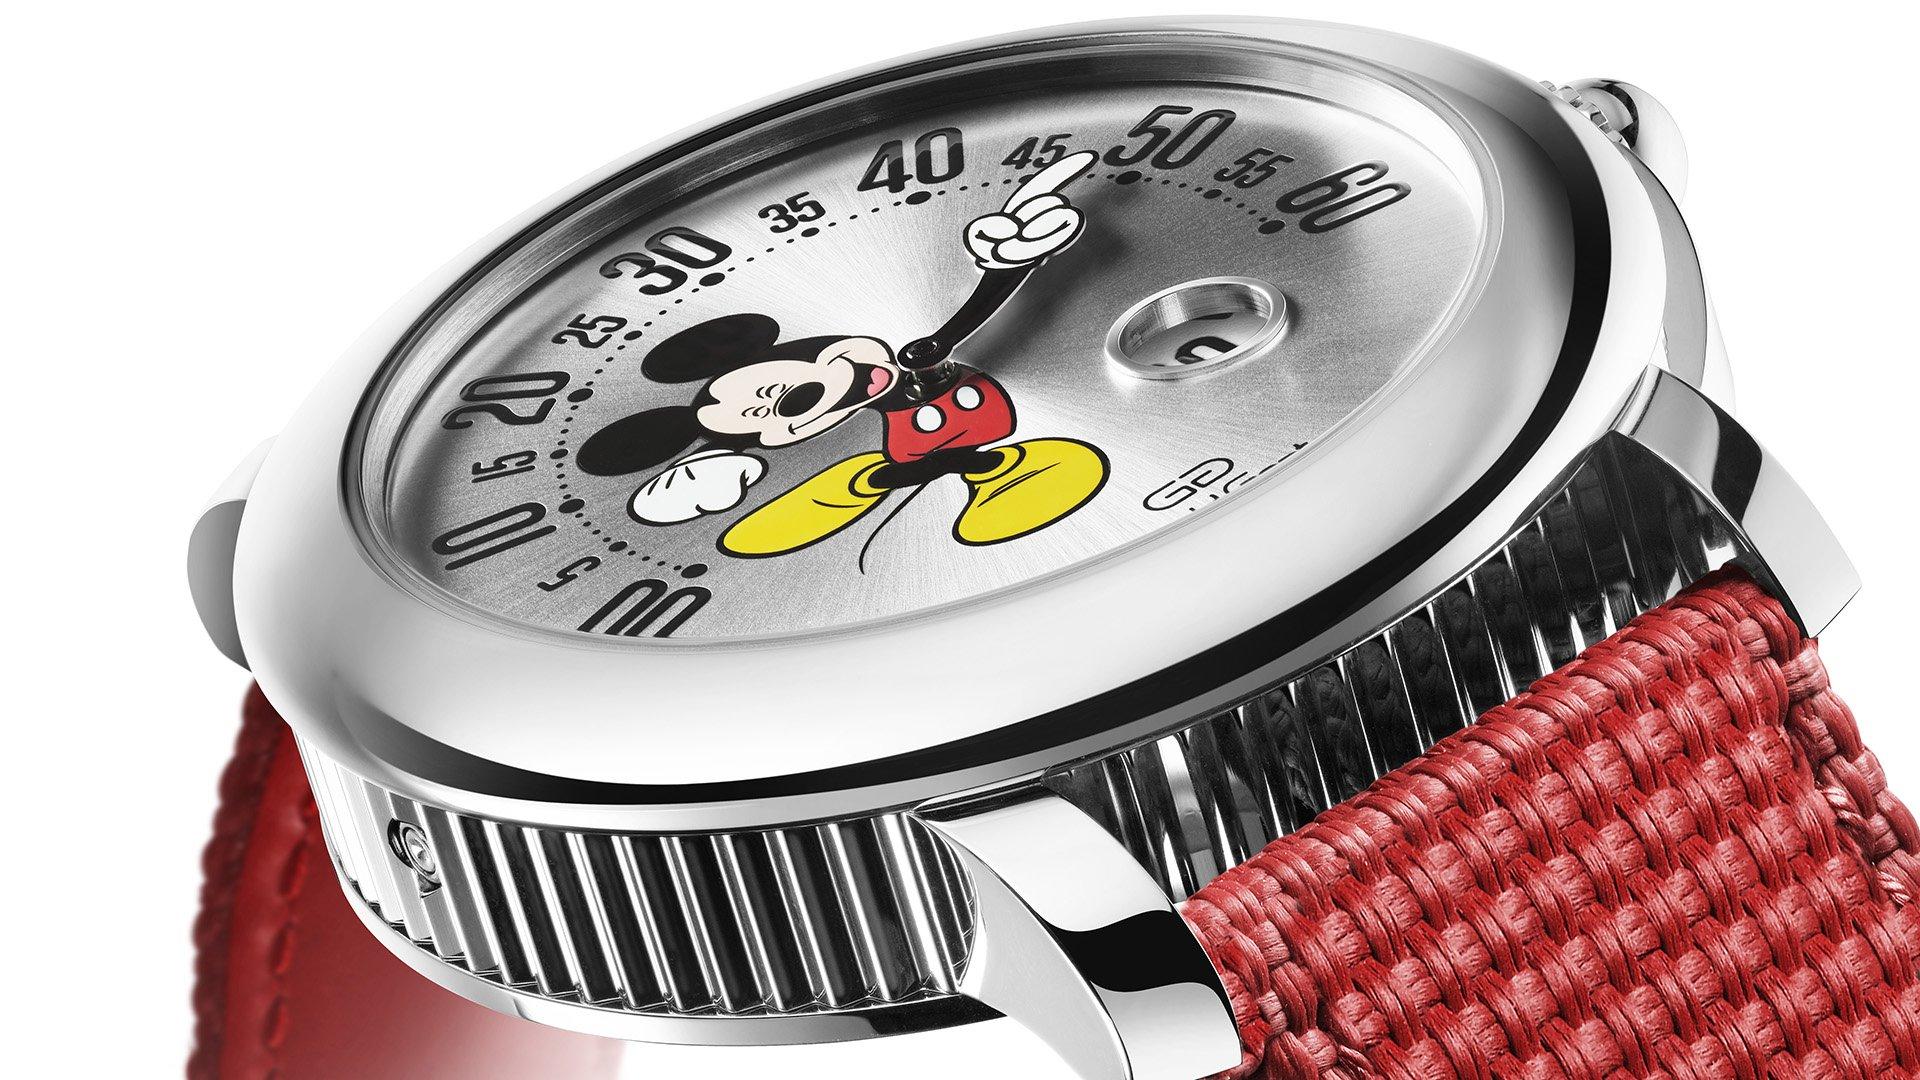 Gerald Genta объявляет о выпуске ограниченной серии диснеевских часов Arena Retro Mickey Mouse